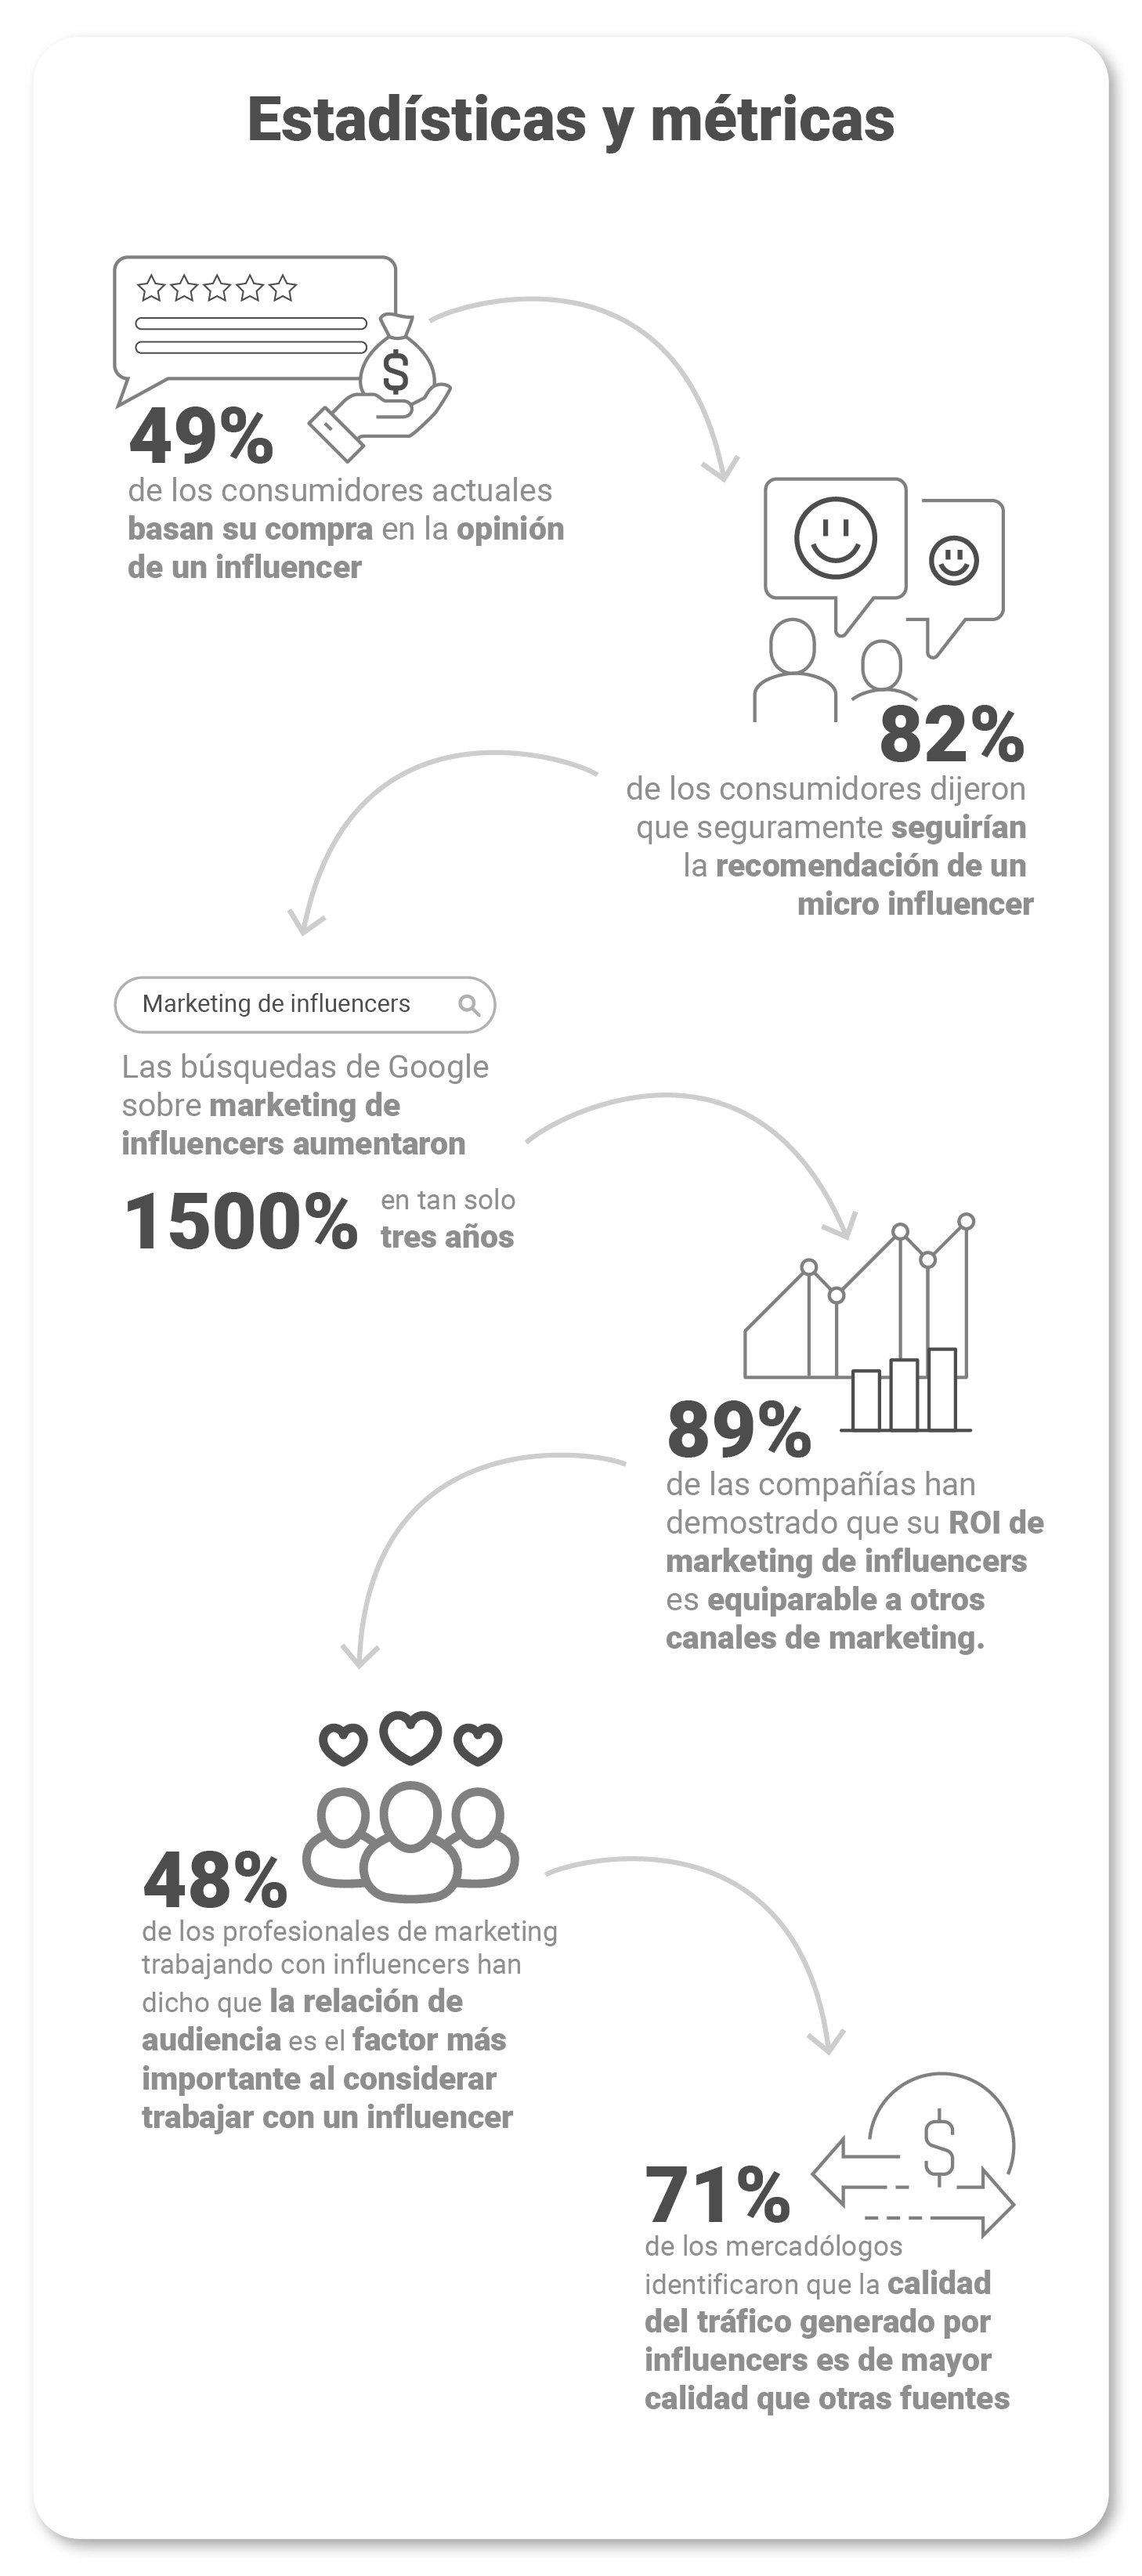 art-14-infografia-influencers